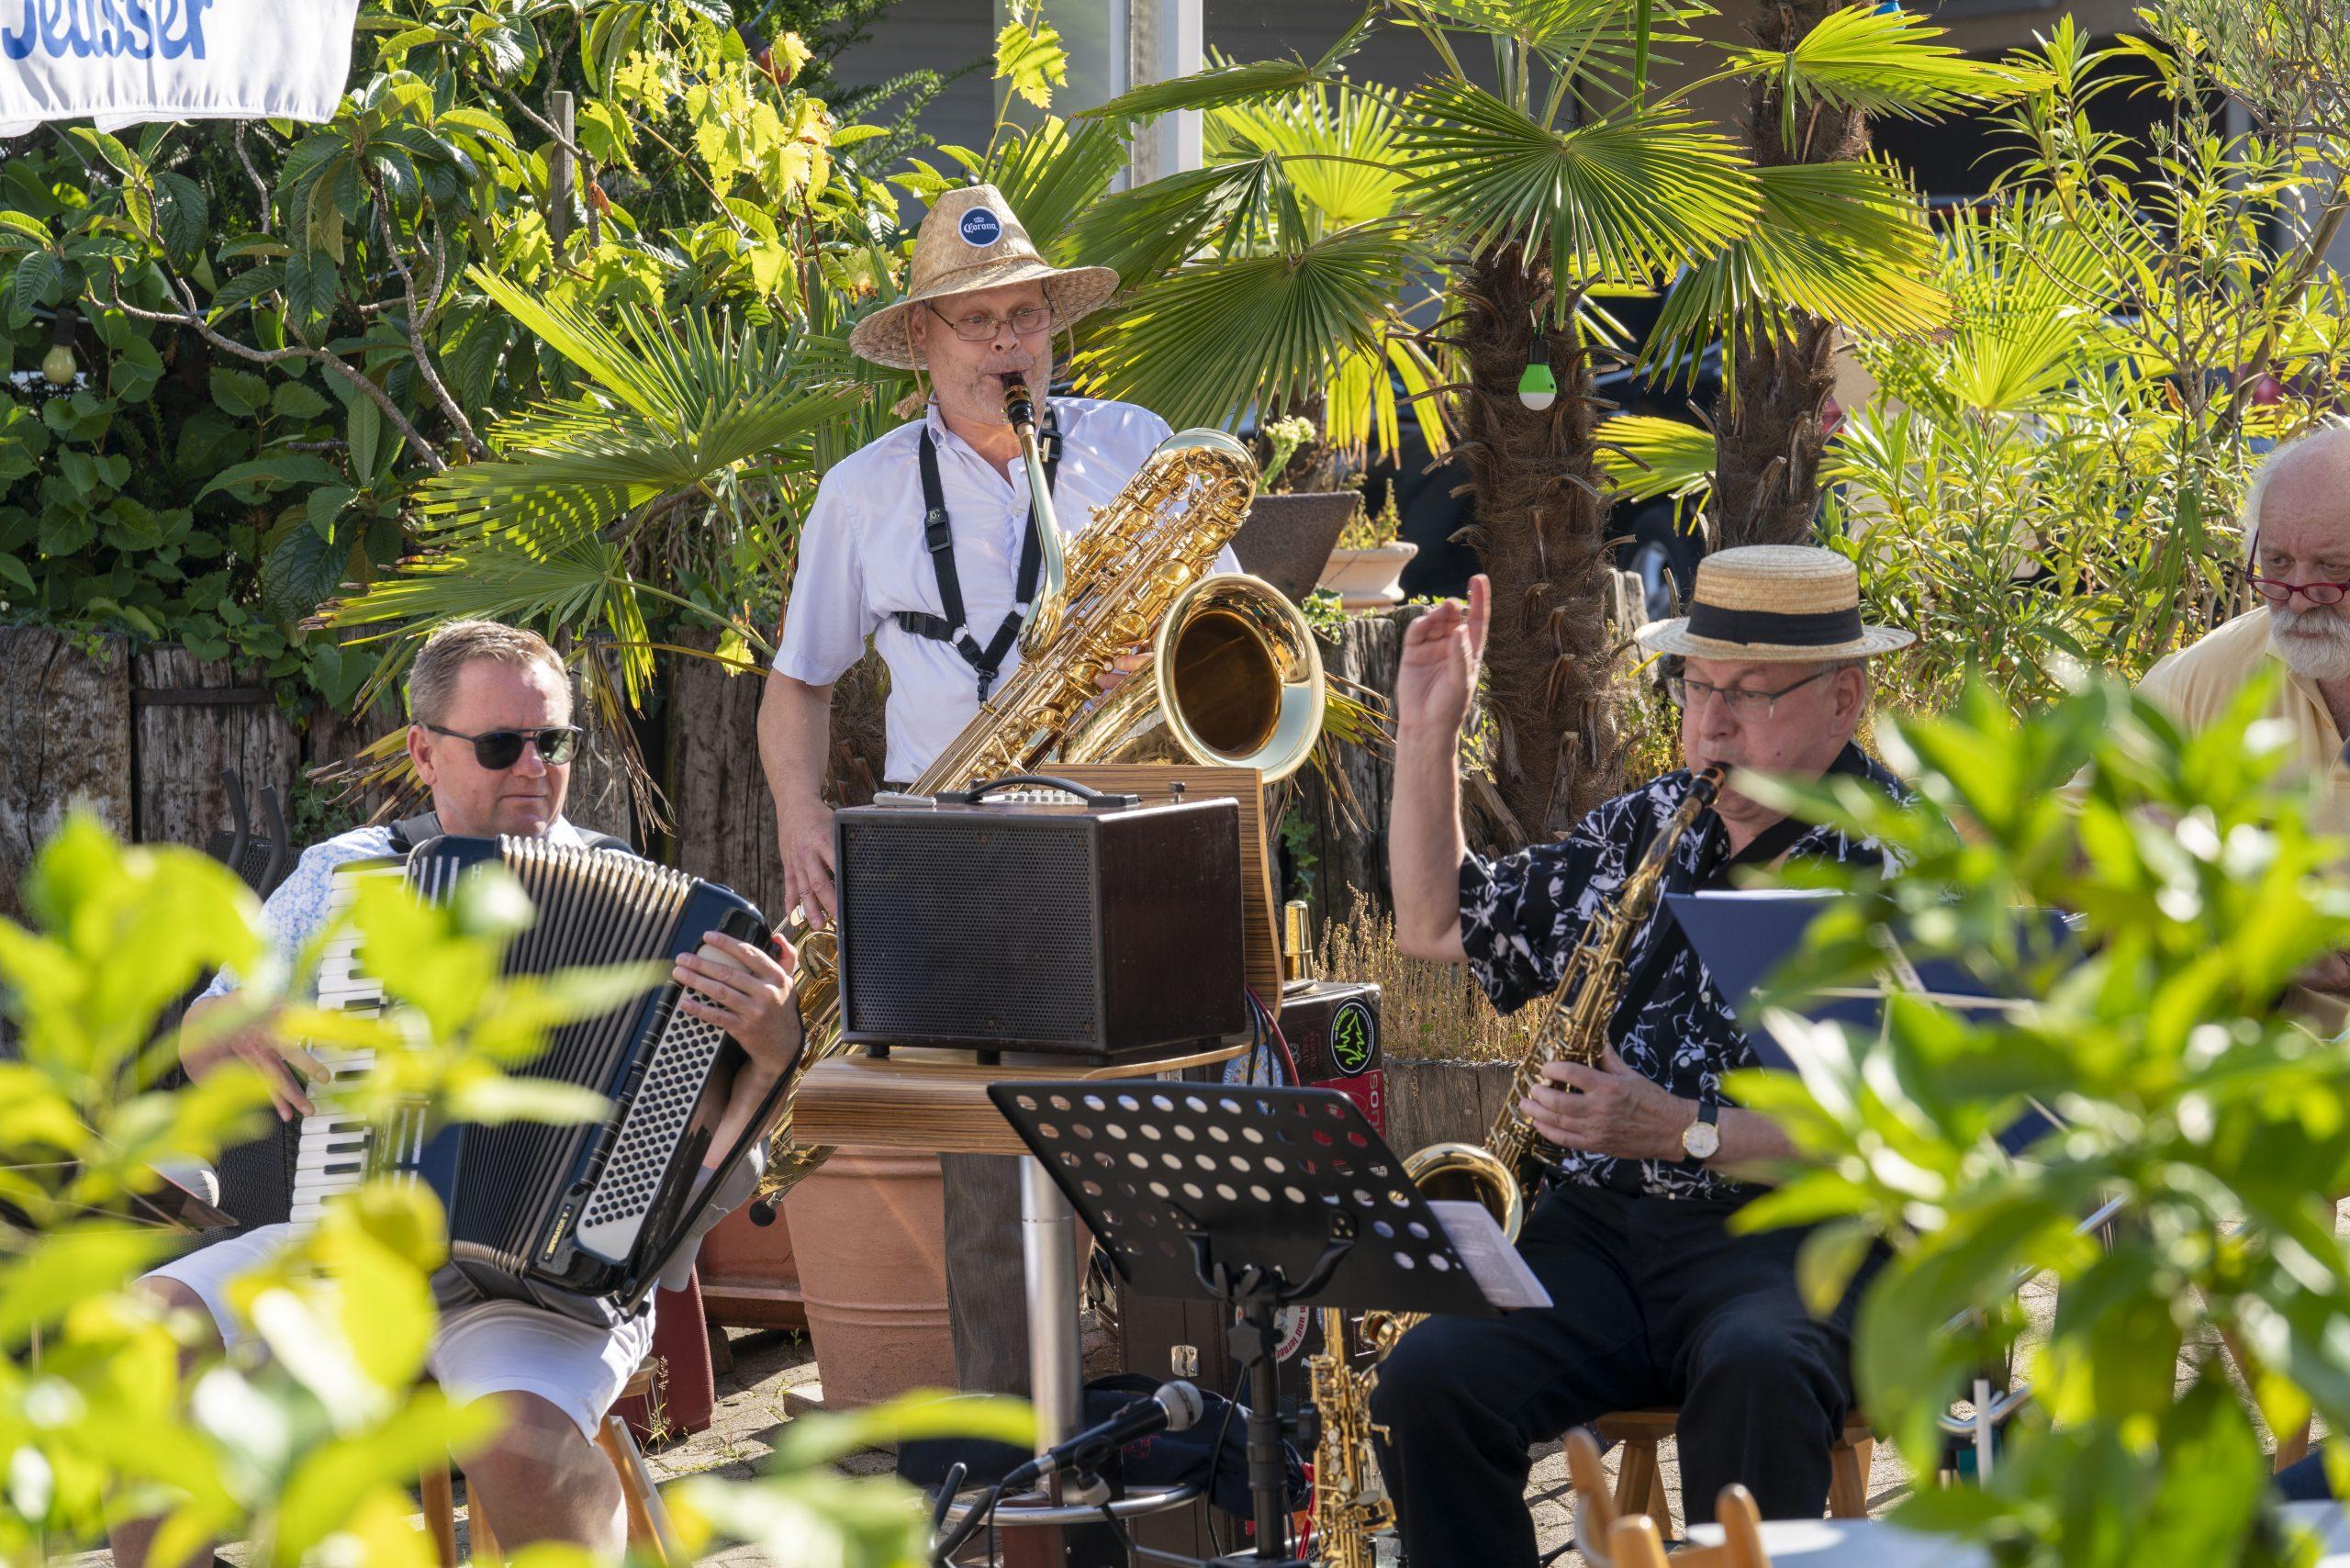 Weinerlebnis par excellence: Eine Band musiziert inmitten eines schönen Gartens